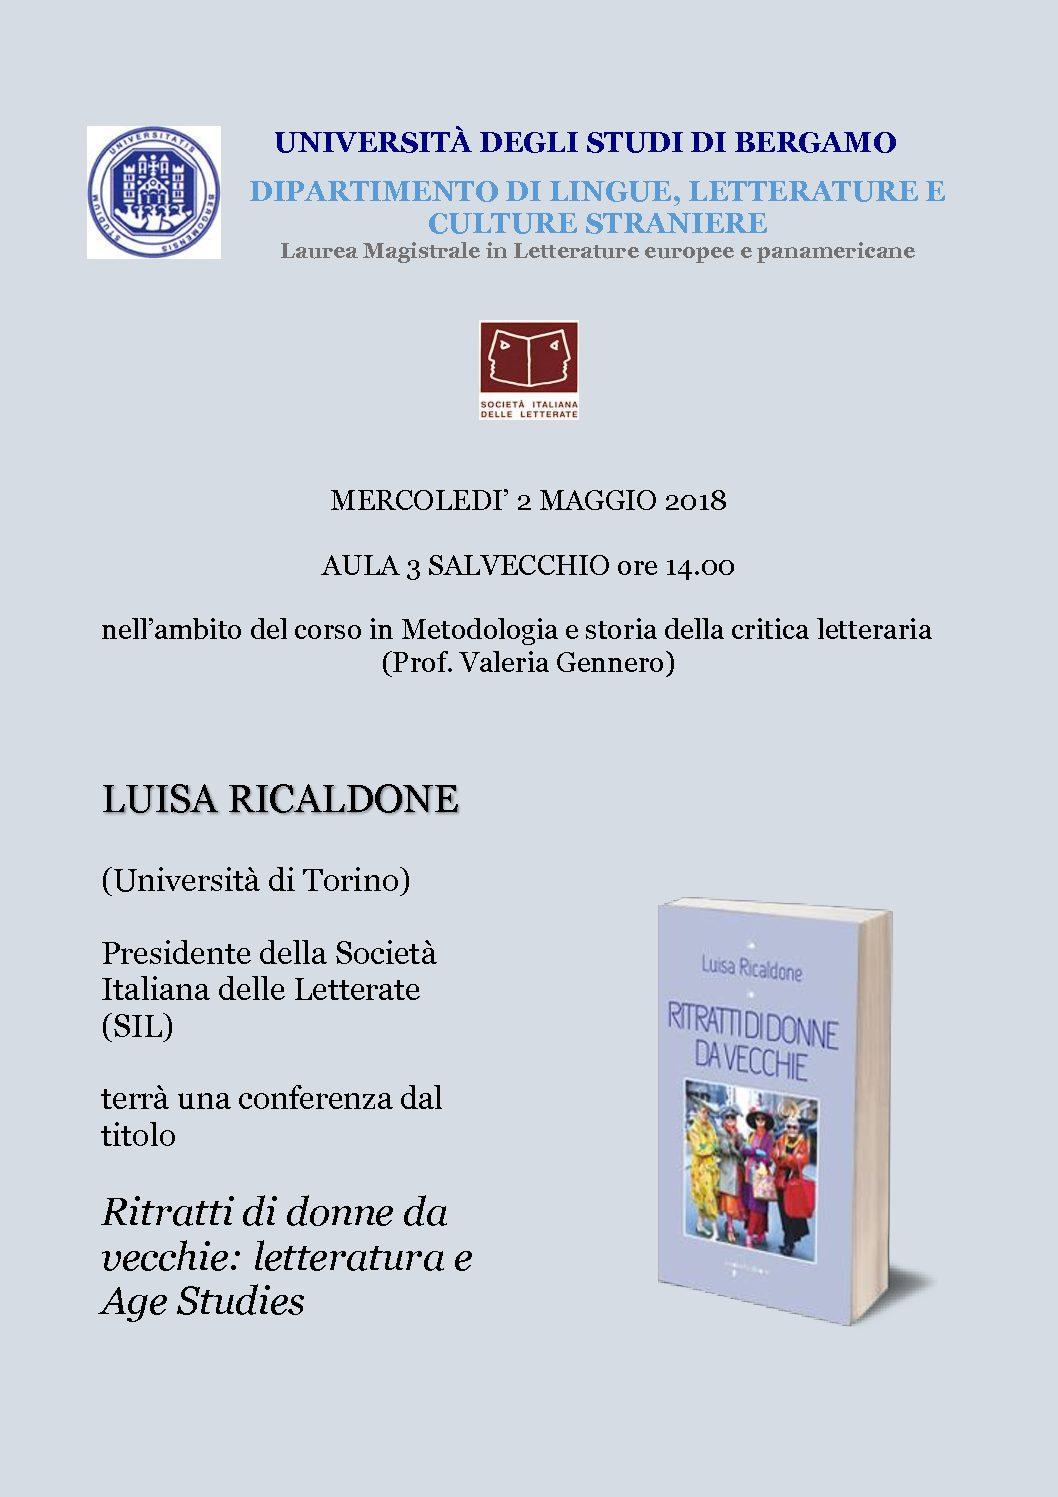 http://www.societadelleletterate.it/wp-content/uploads/2018/04/Presentazione-Bergamo-pdf.jpg